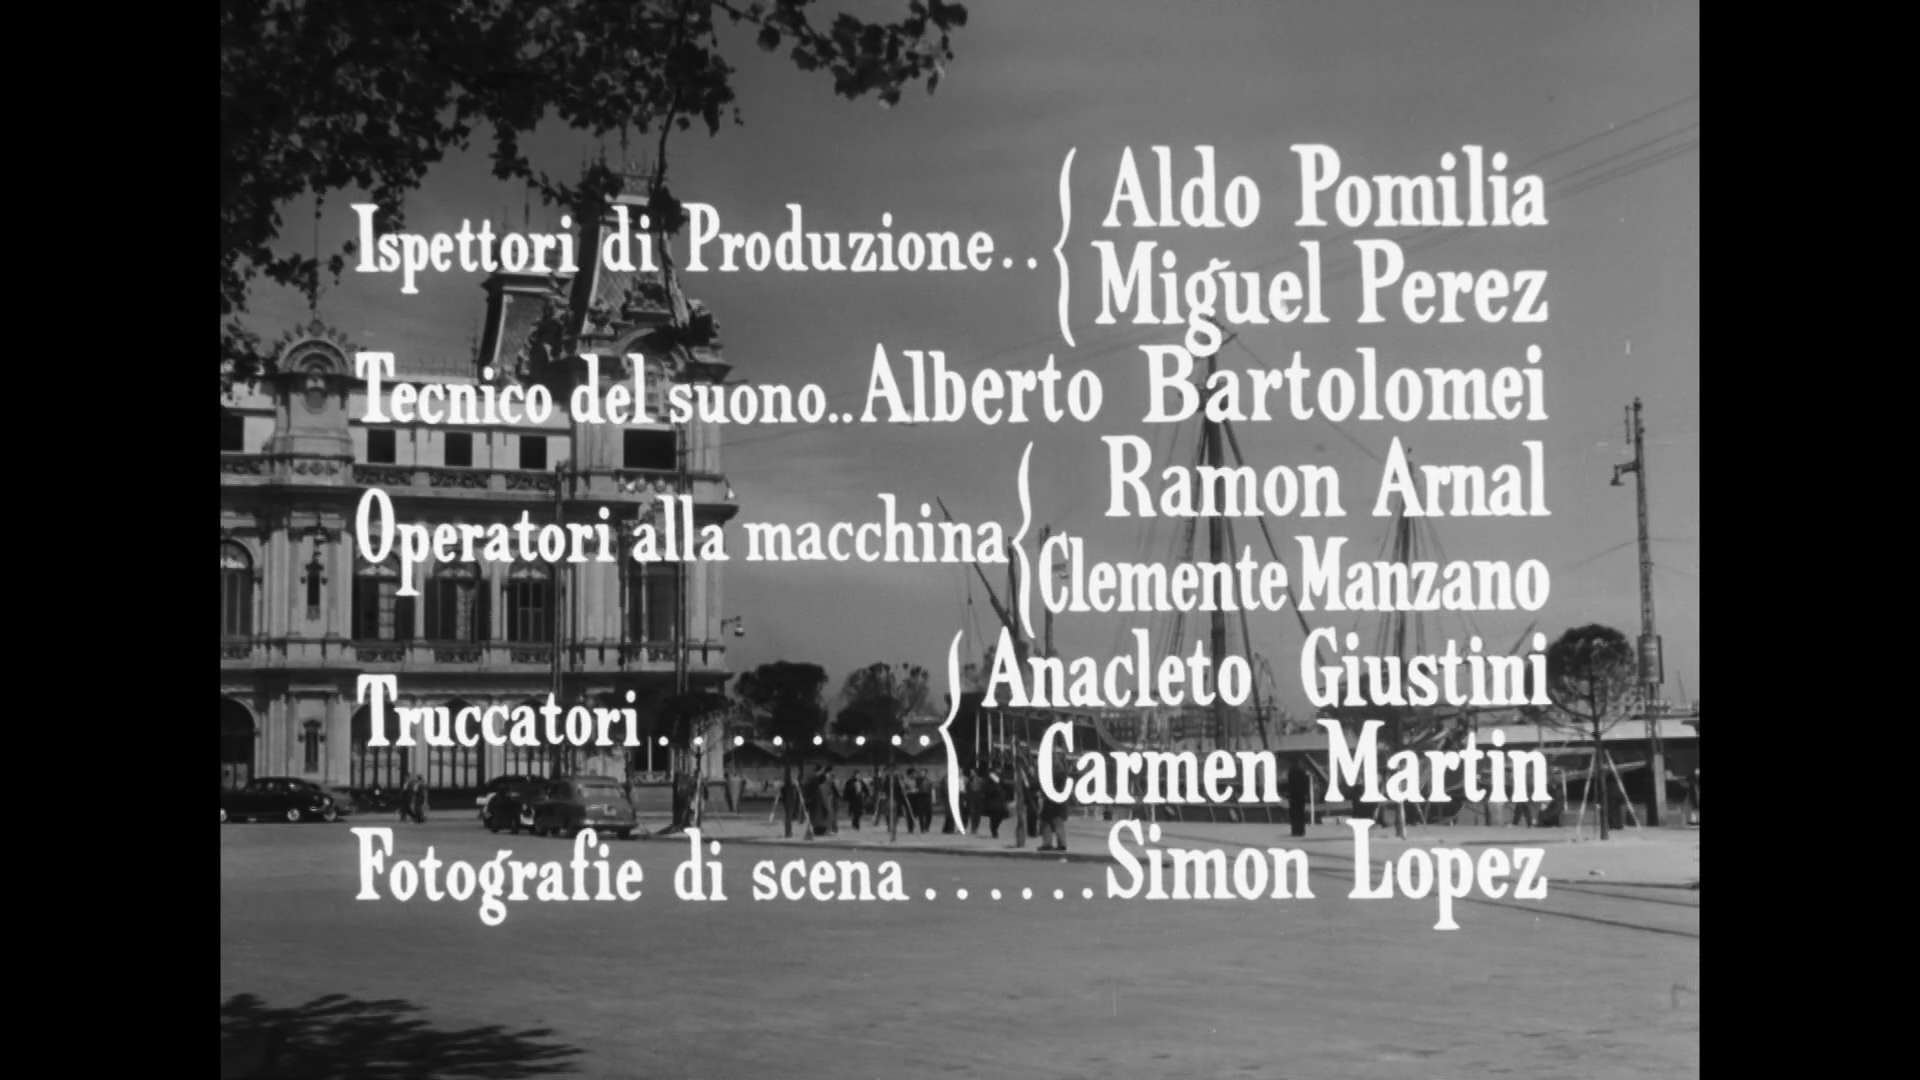 Générique du film Malinconico autunno (1958) de Raffaello Matarazzo